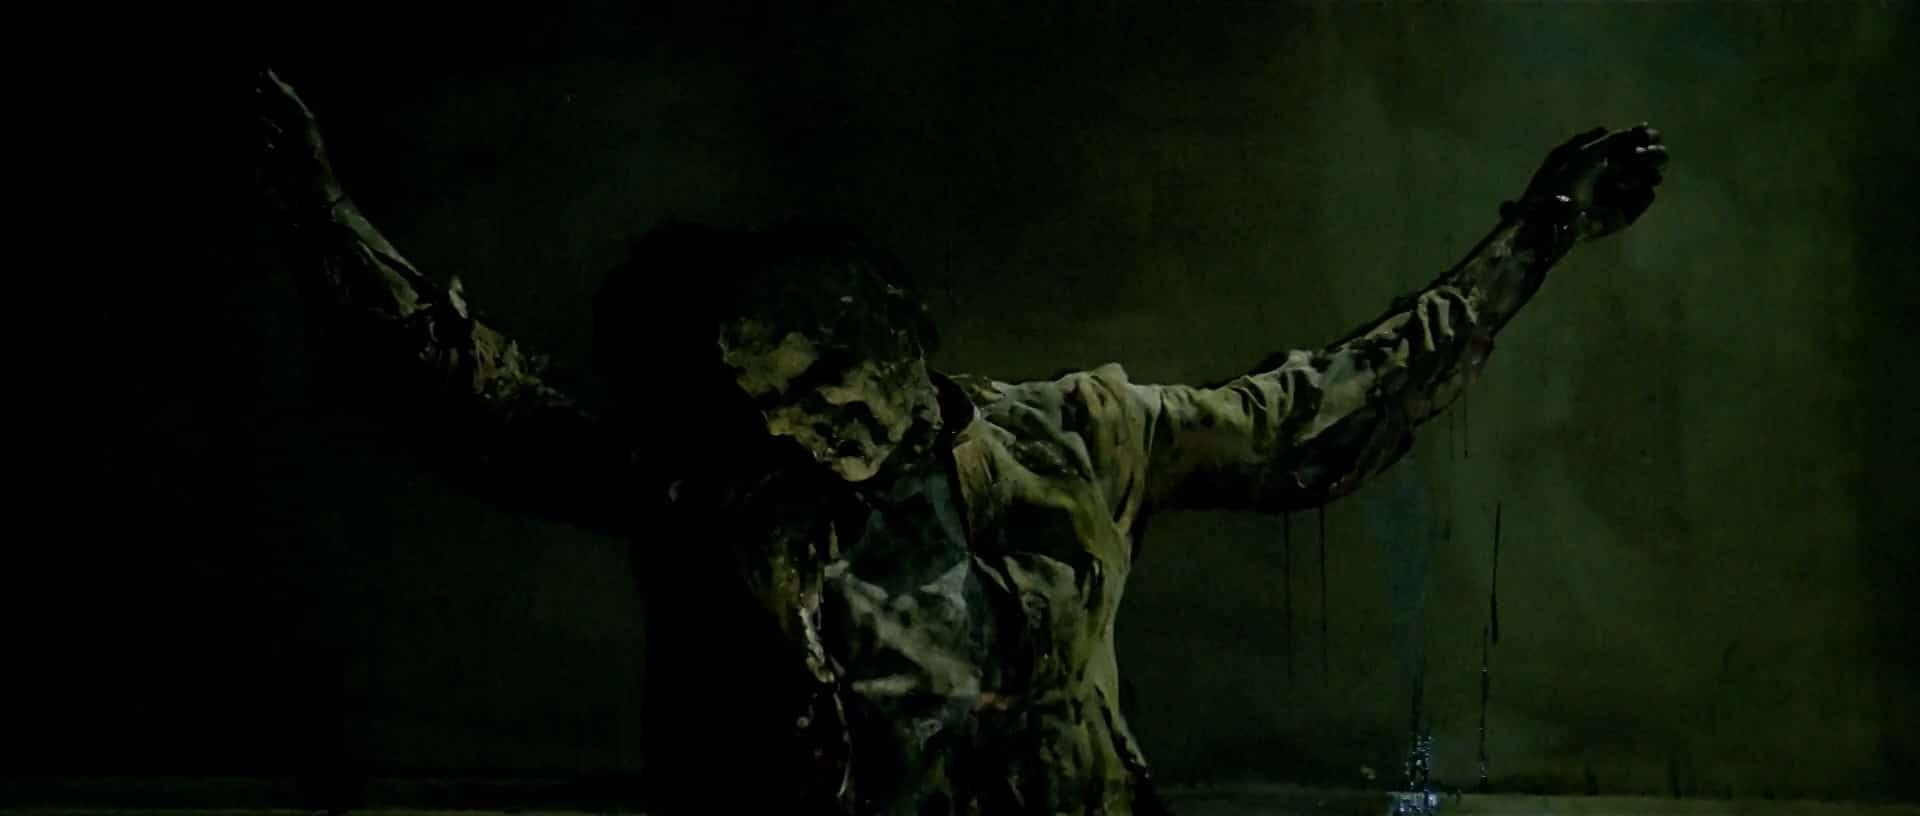 Una scena di …E tu vivrai nel terrore! - L'aldilà